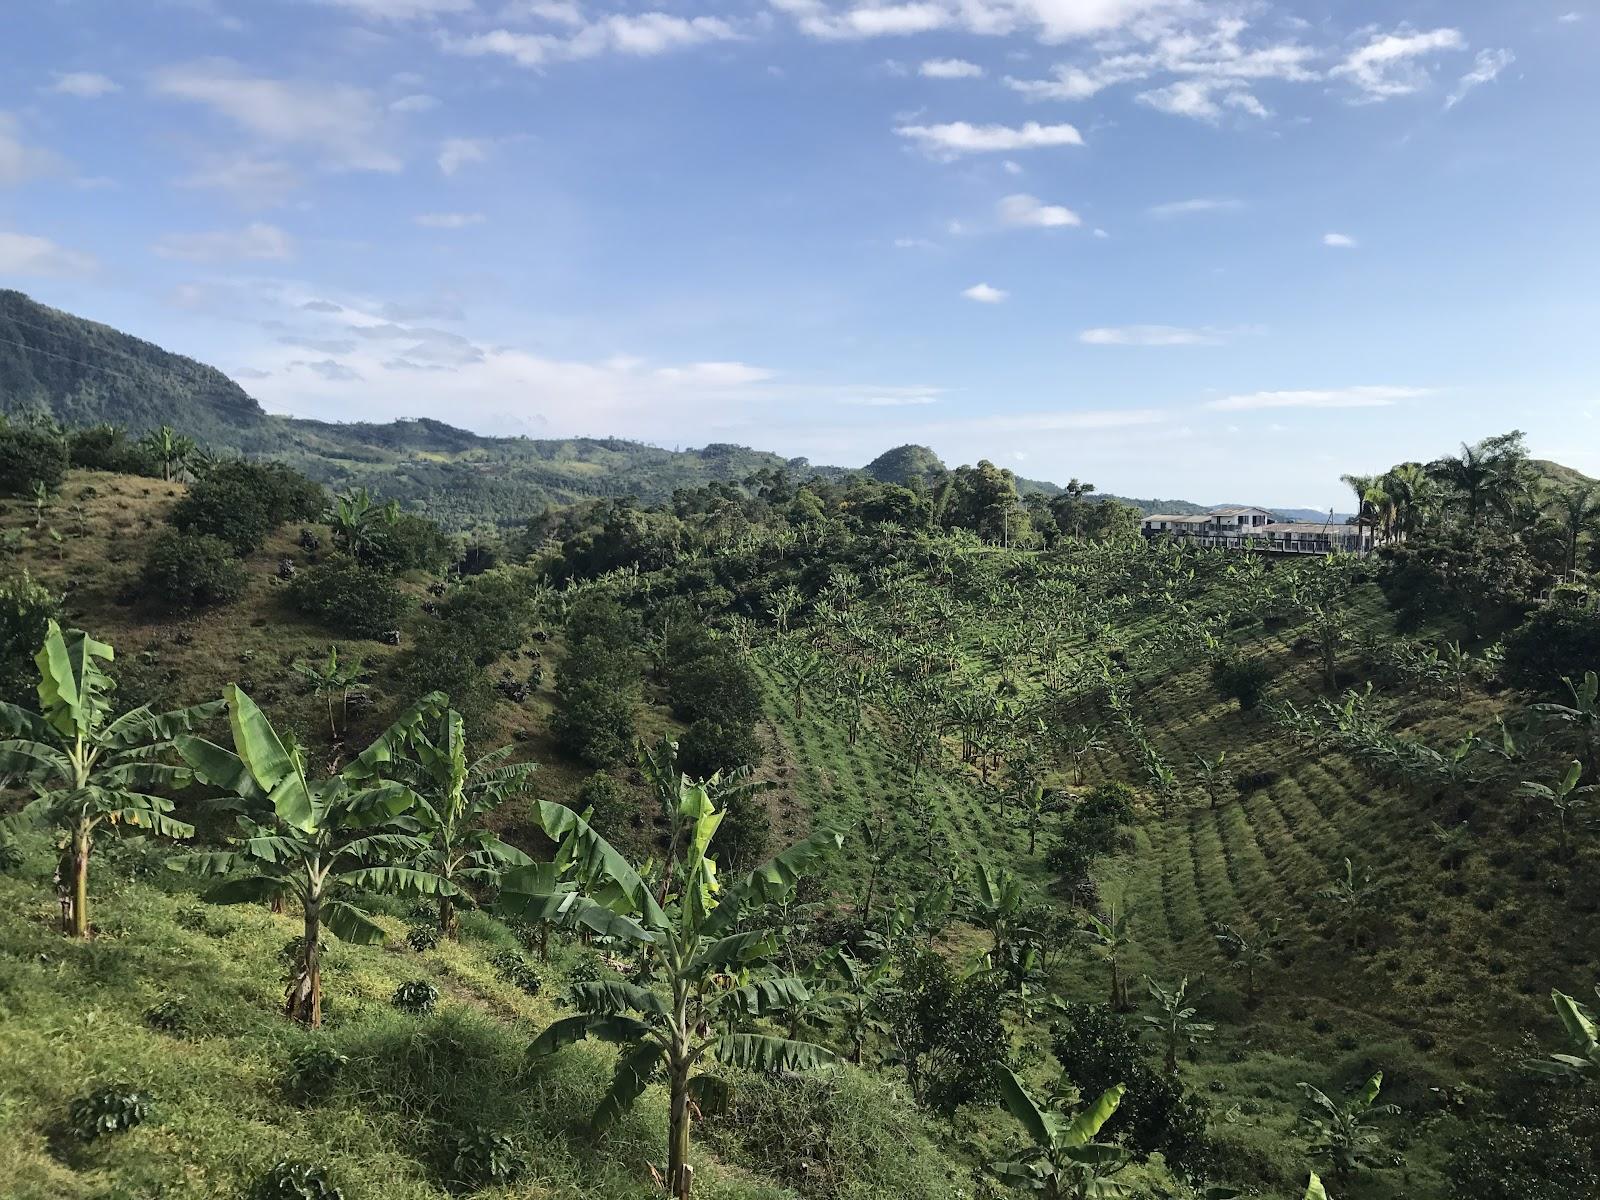 Colombian coffee fields on Hwy 50 on bike climb to Alto de Letras